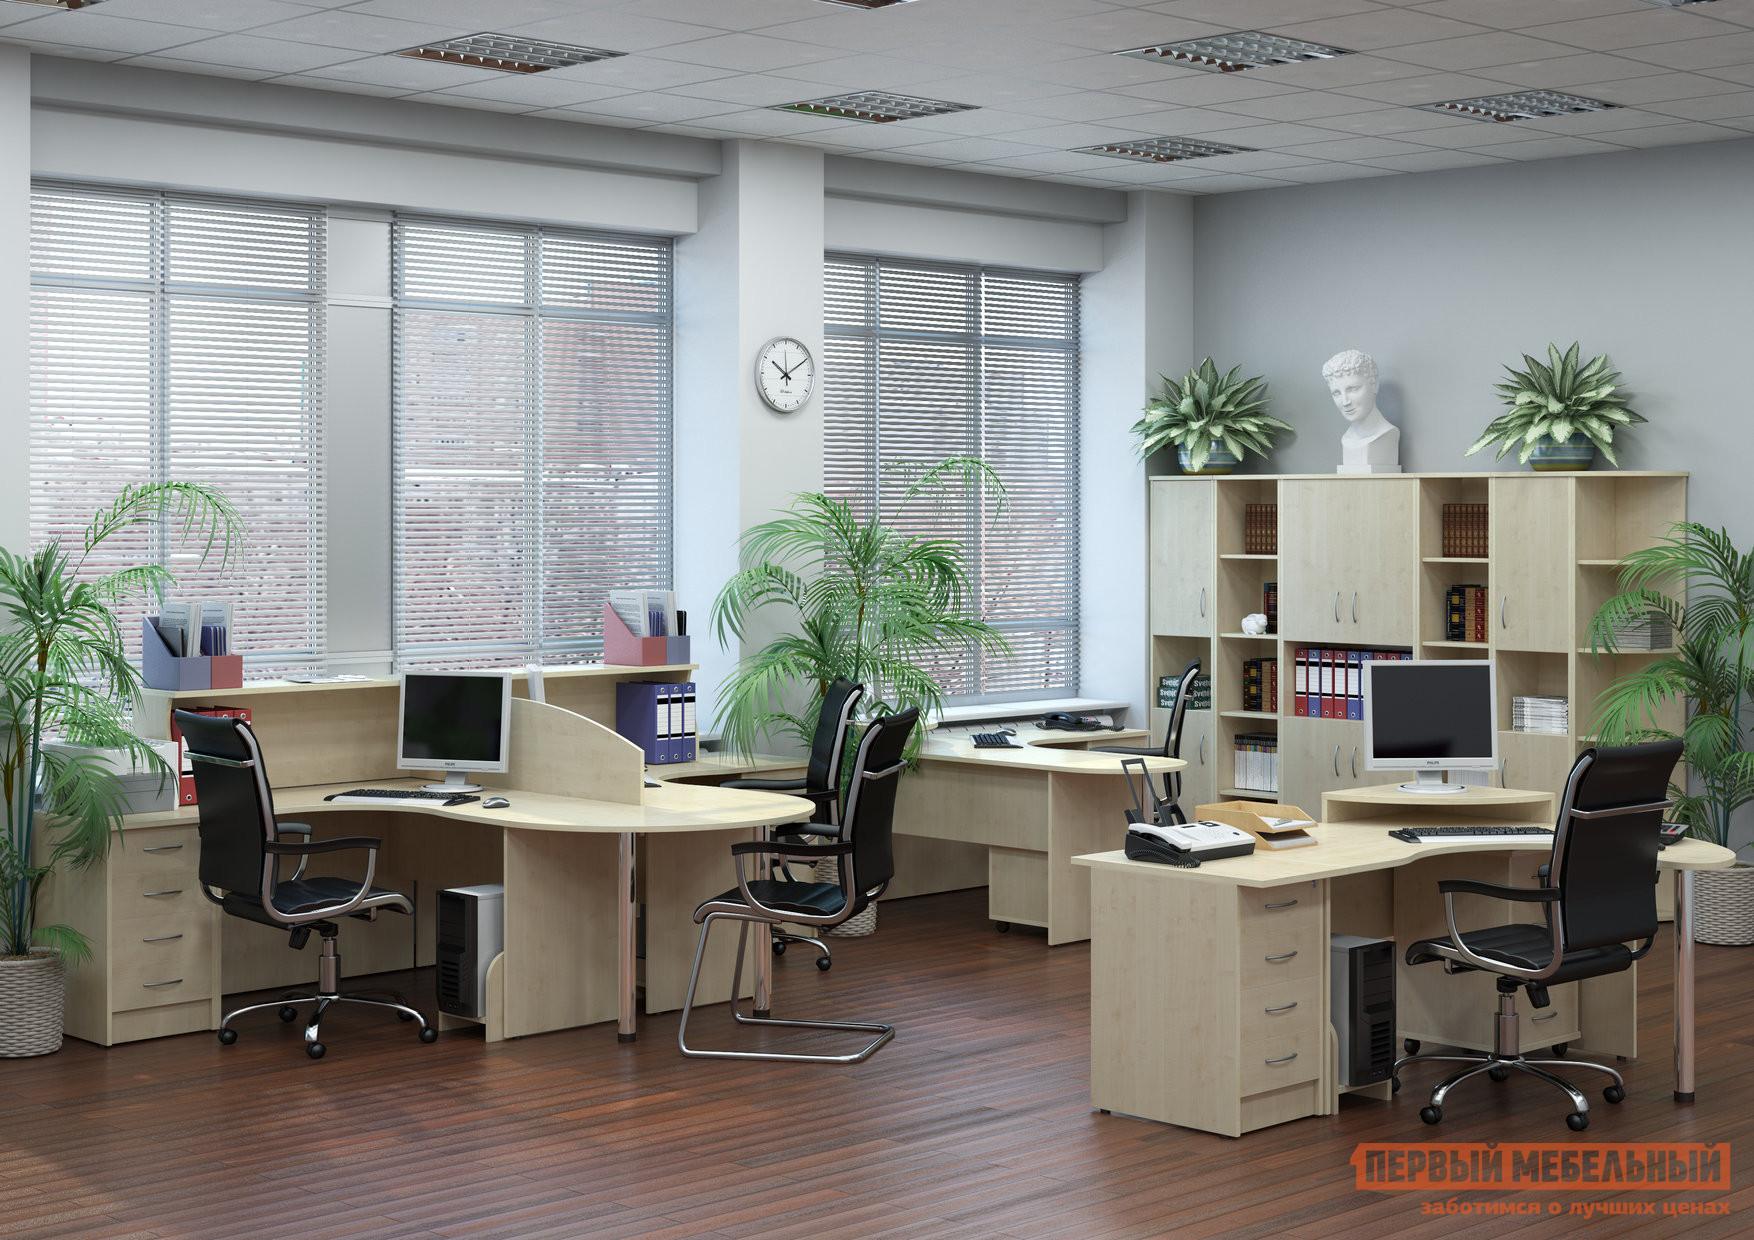 Комплект офисной мебели Riva Рива Клен К2 комплект офисной мебели riva рива клен к1